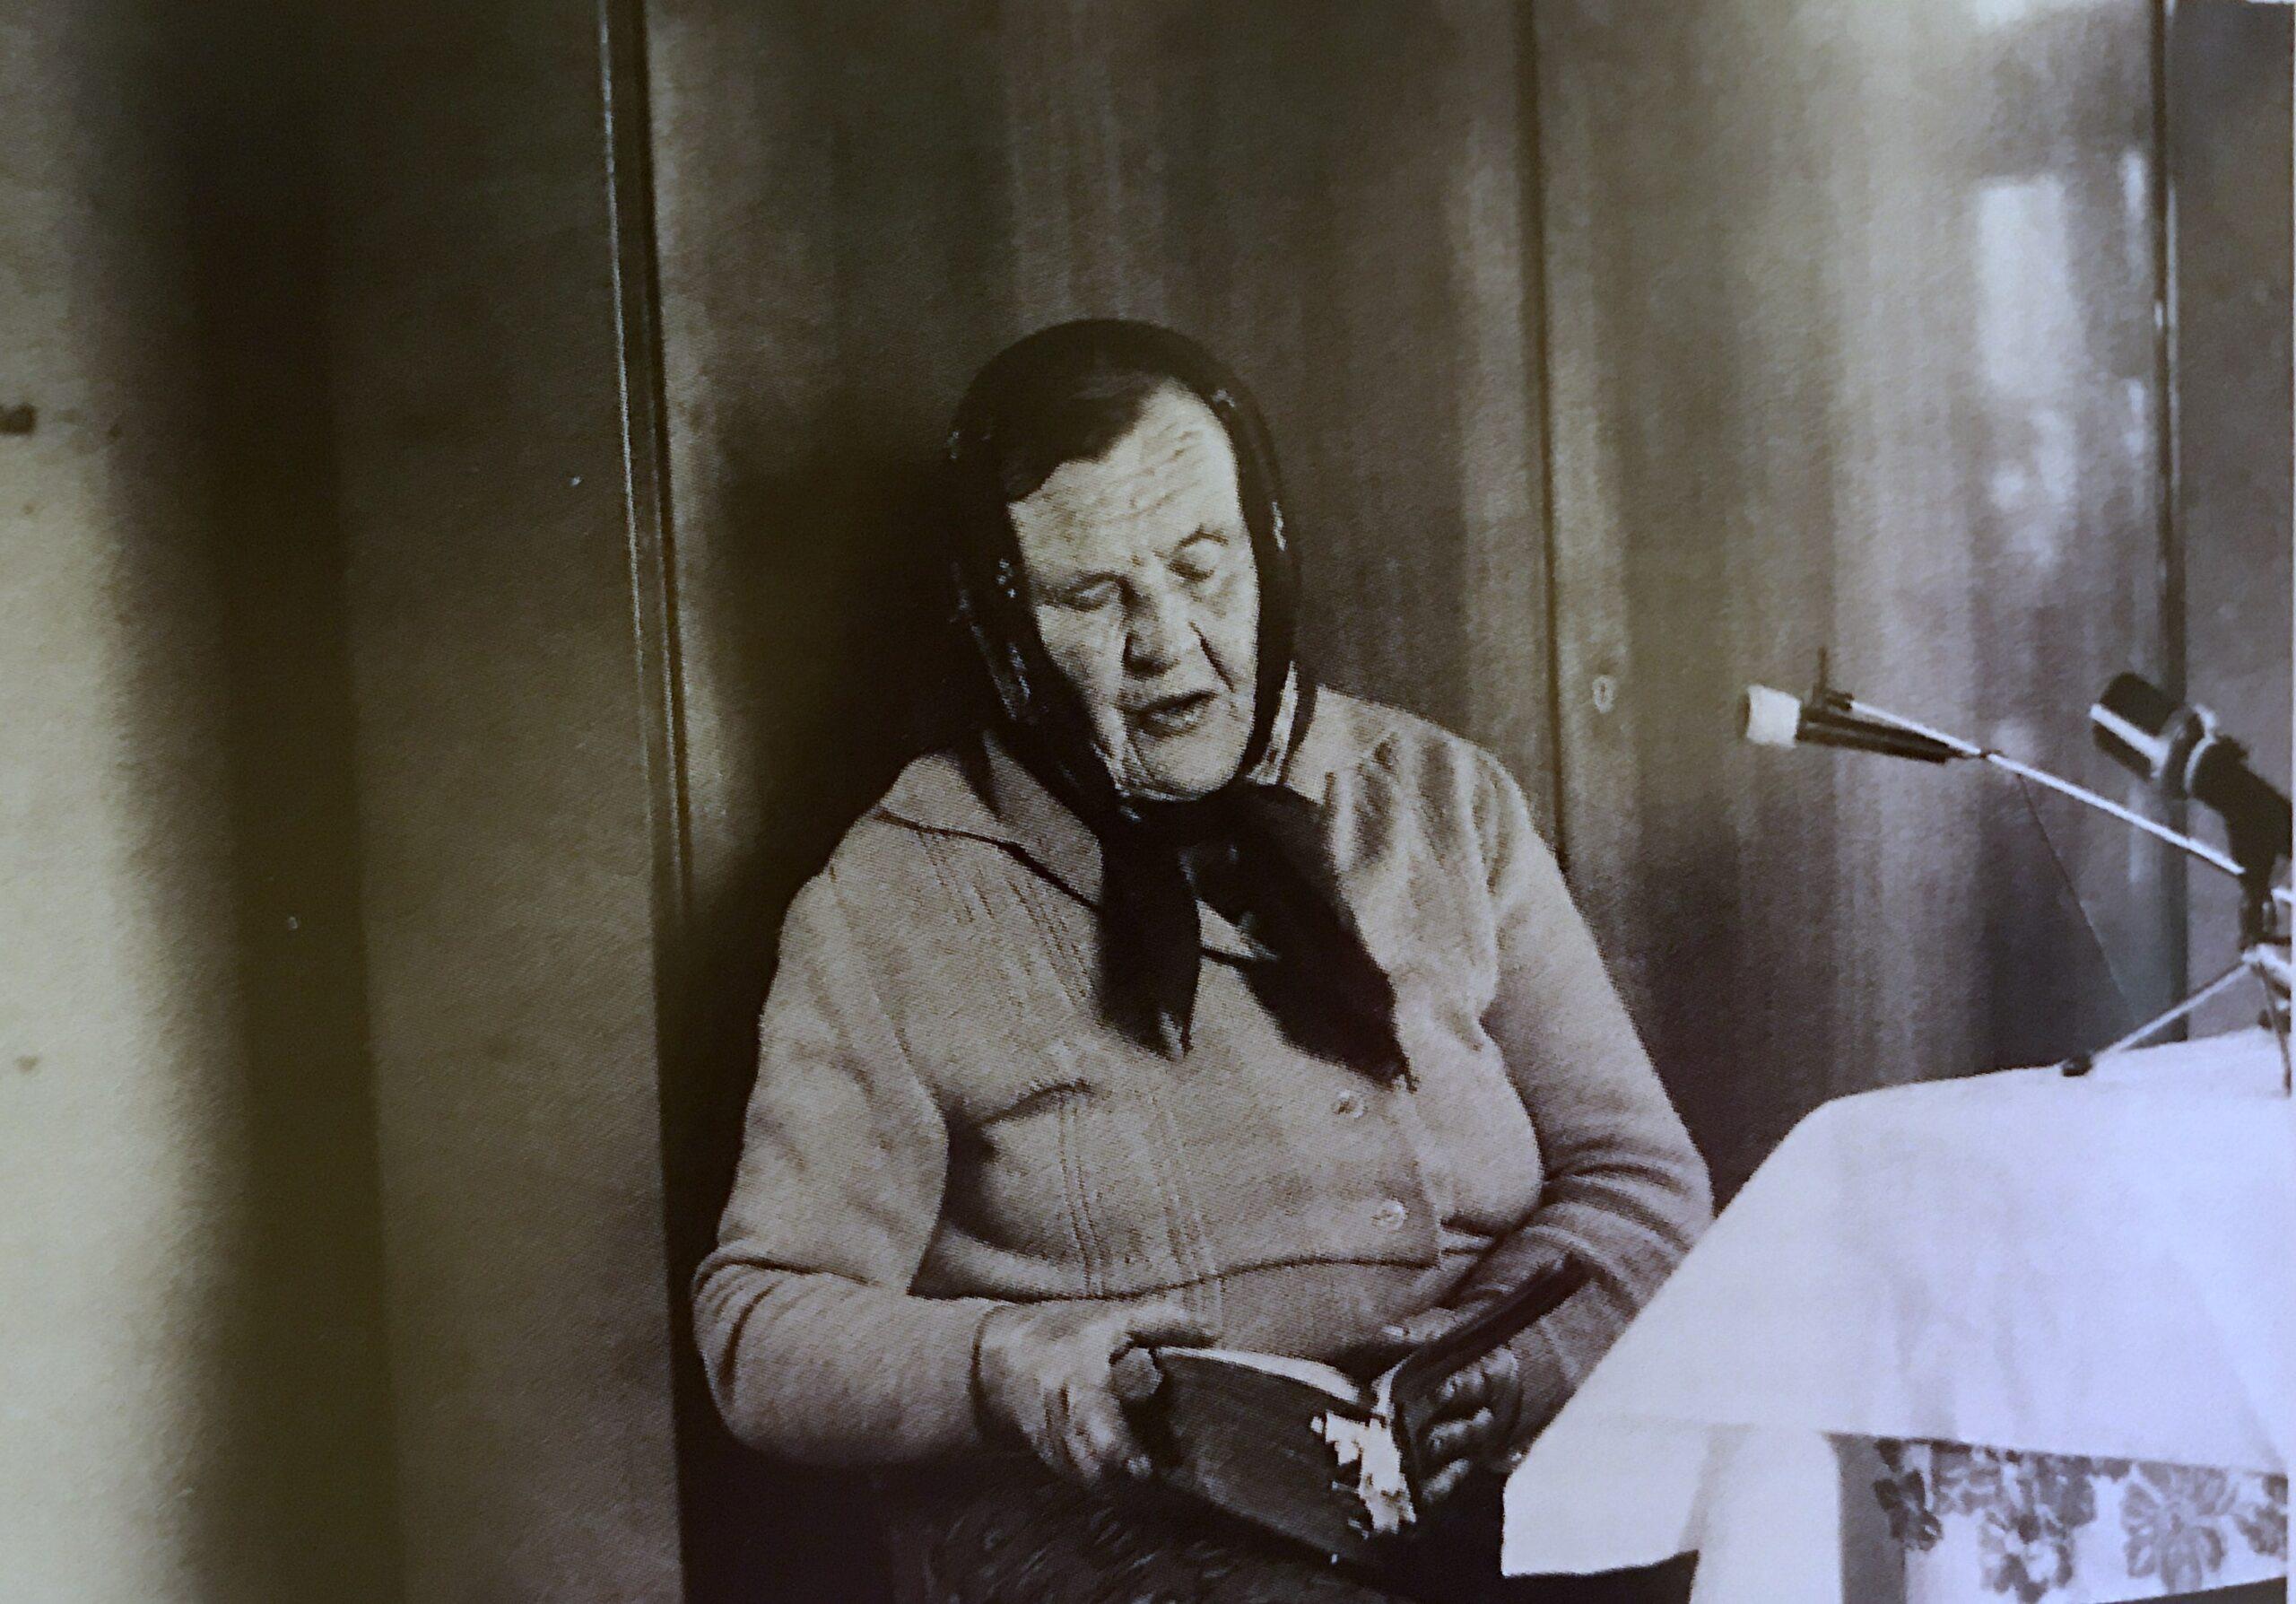 Fotografia archiwalna, widzimy siedzącą starszą kobietę, w chustce na głowie, która w rękach trzyma książeczkę/ zeszyt. Kobieta śpiewa spoglądając do książeczki/ zeszytu. Na stoliku koło kobiety stoją mikrofony.